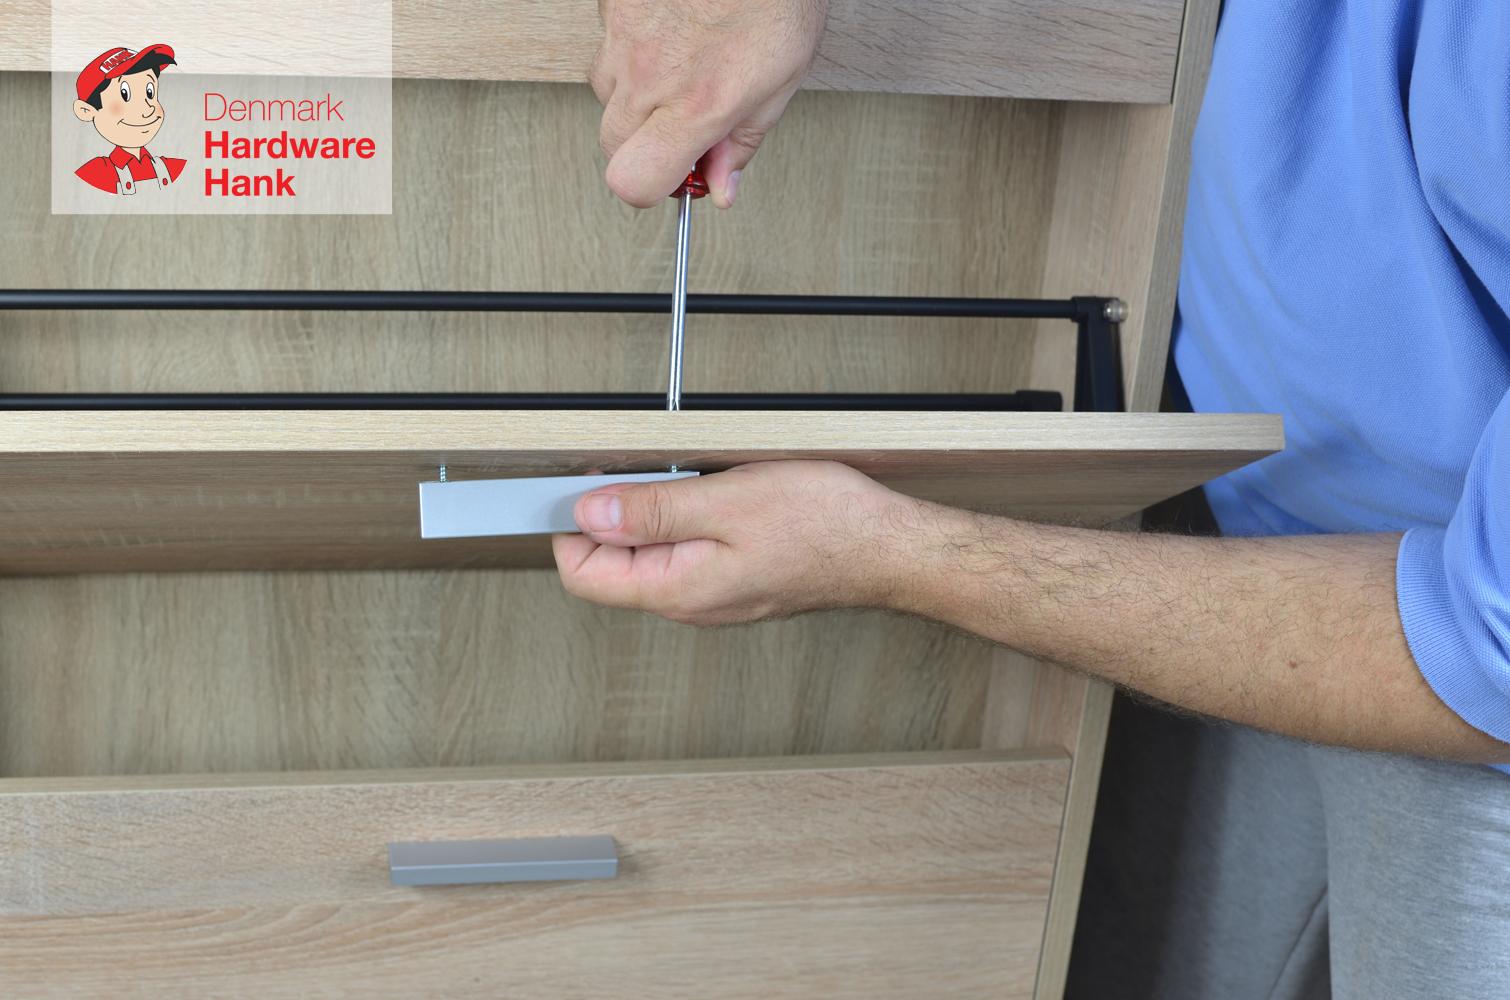 Denmark Hardware Hank Drawer Pull